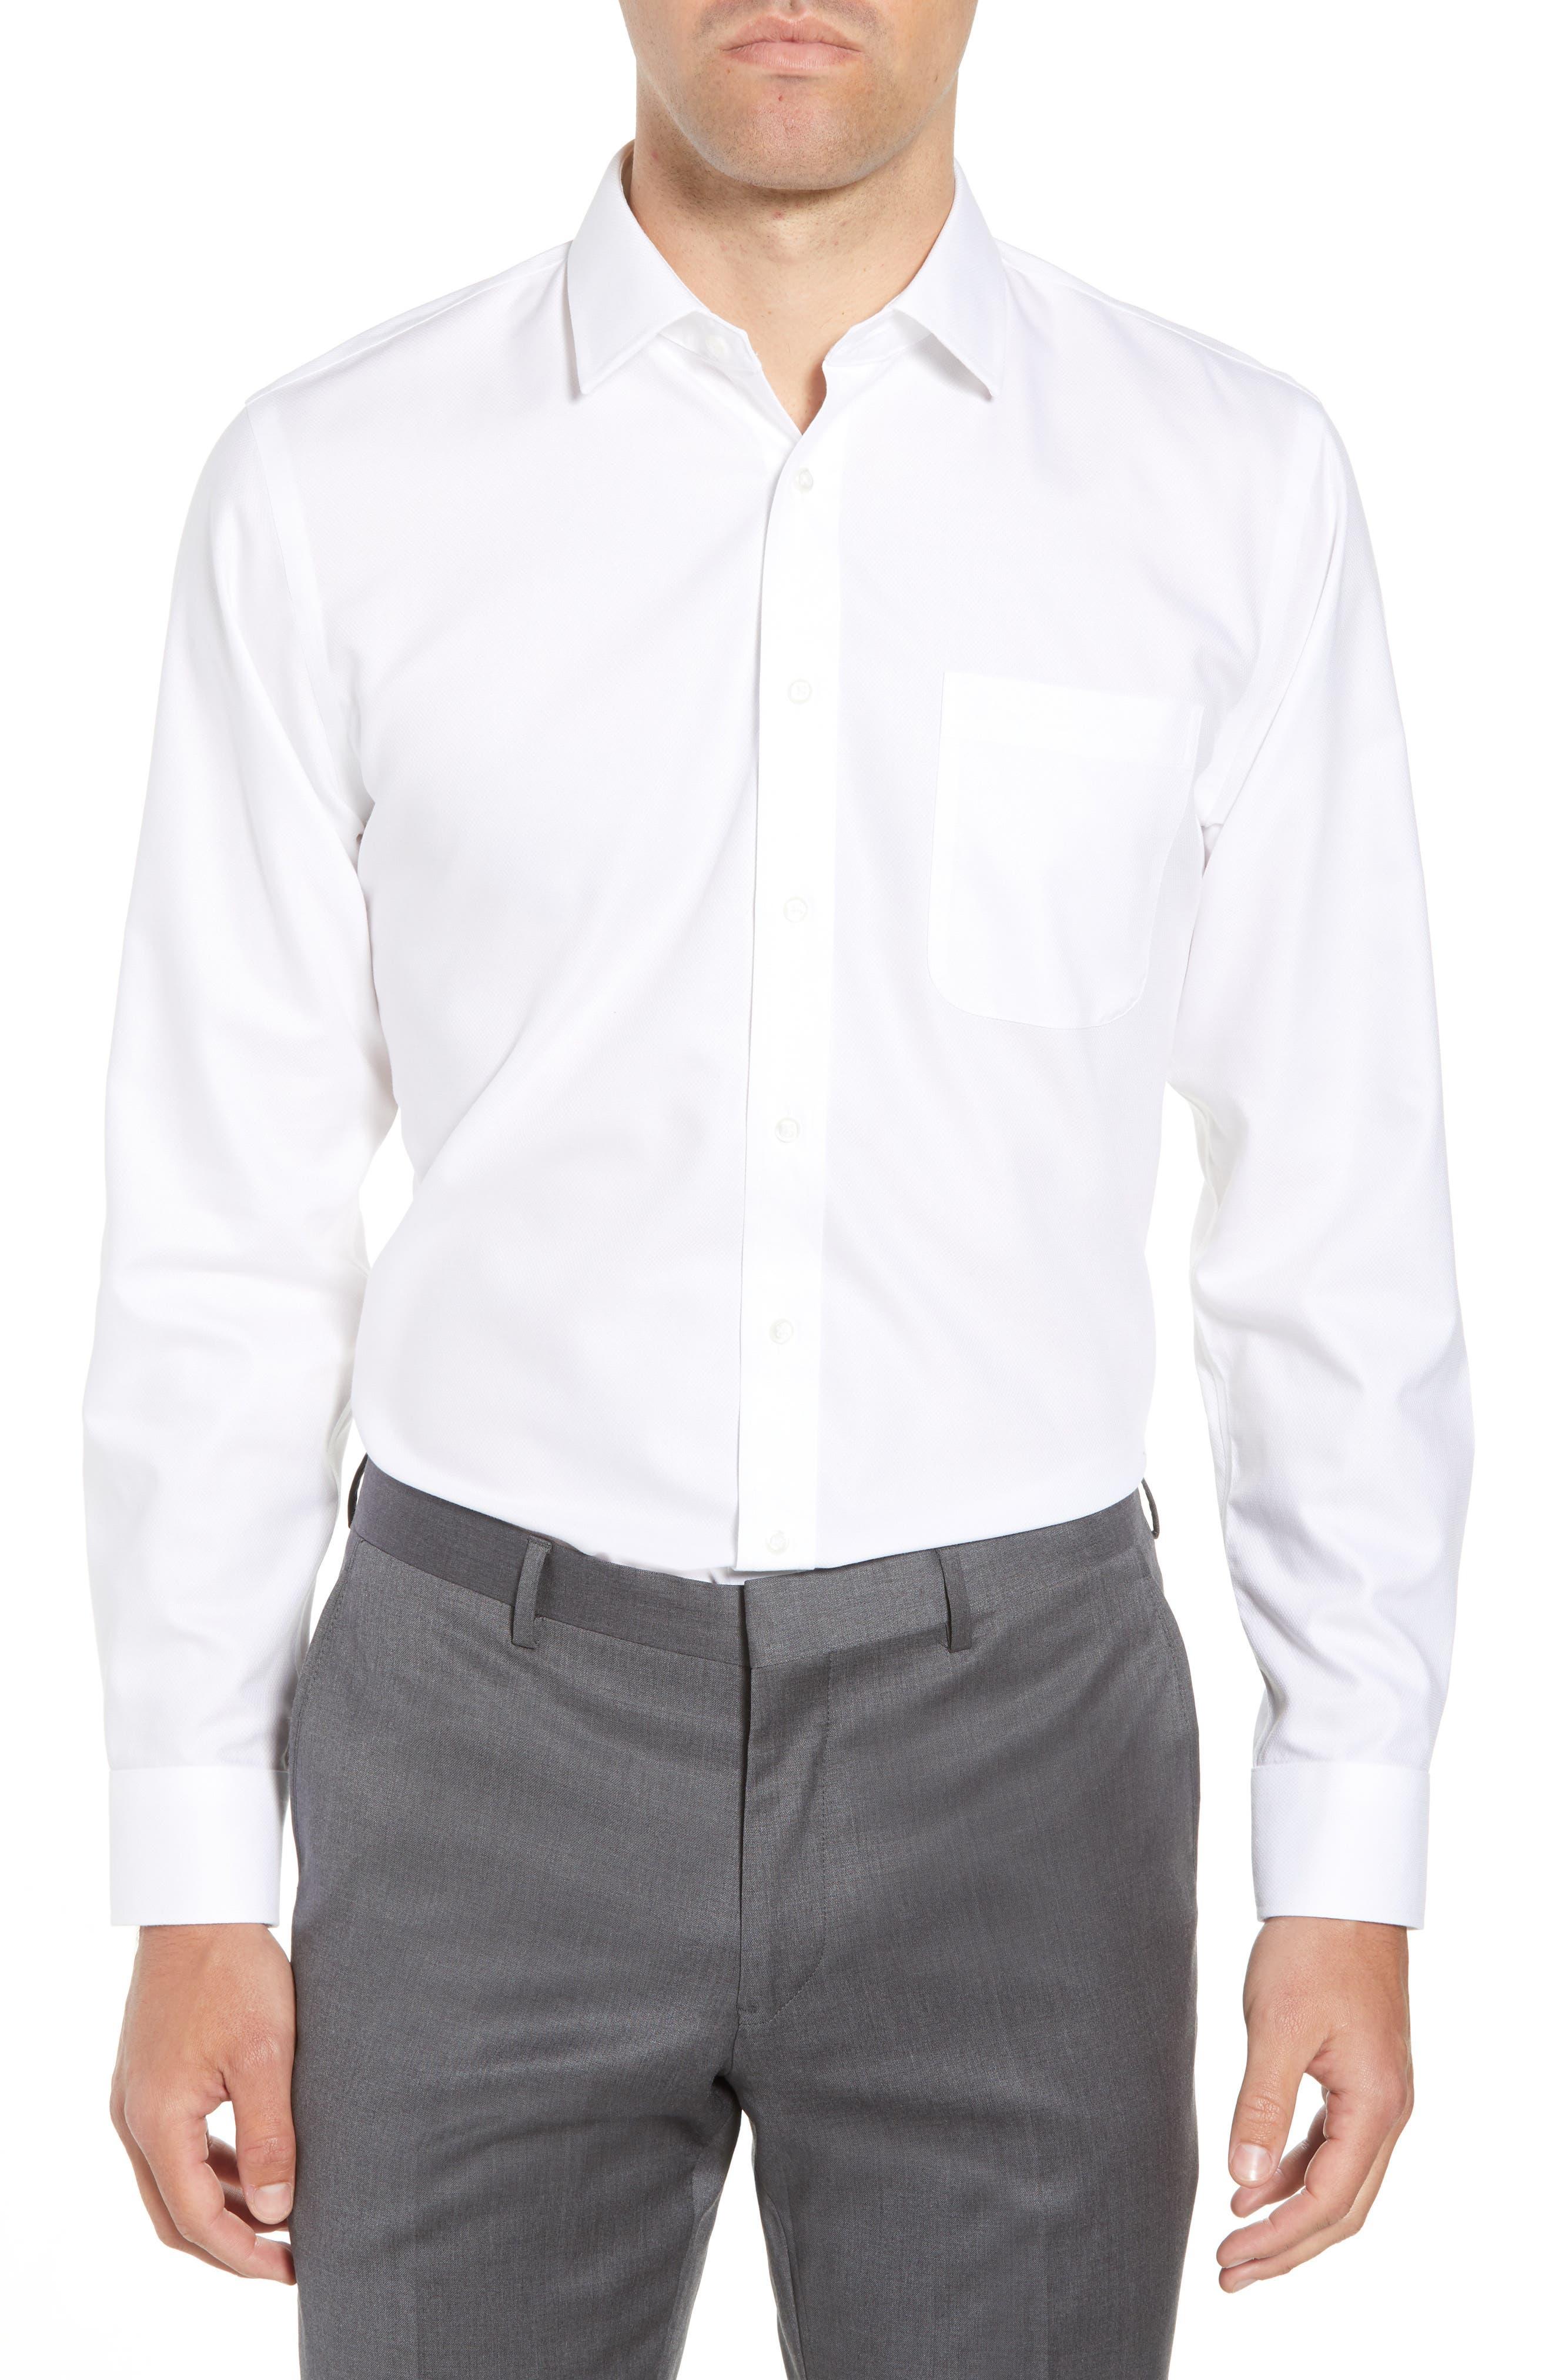 Smartcare<sup>™</sup> Trim Fit Solid Dress Shirt,                             Main thumbnail 1, color,                             White